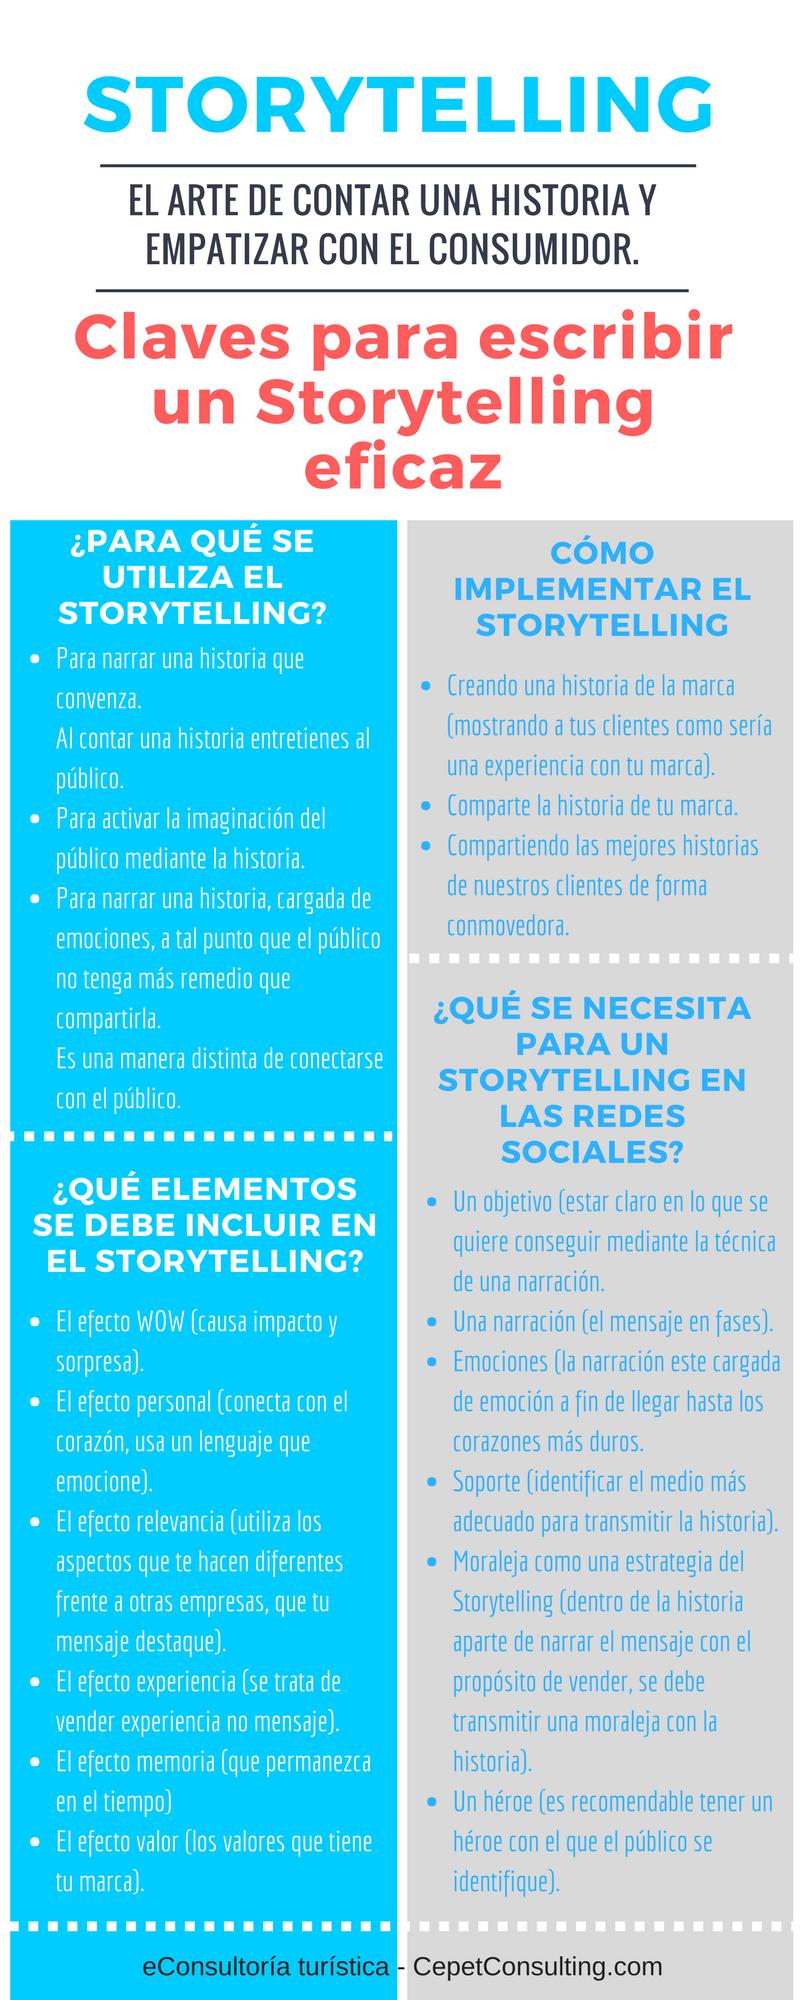 Infografía Claves para escribir un Storytelling eficaz.